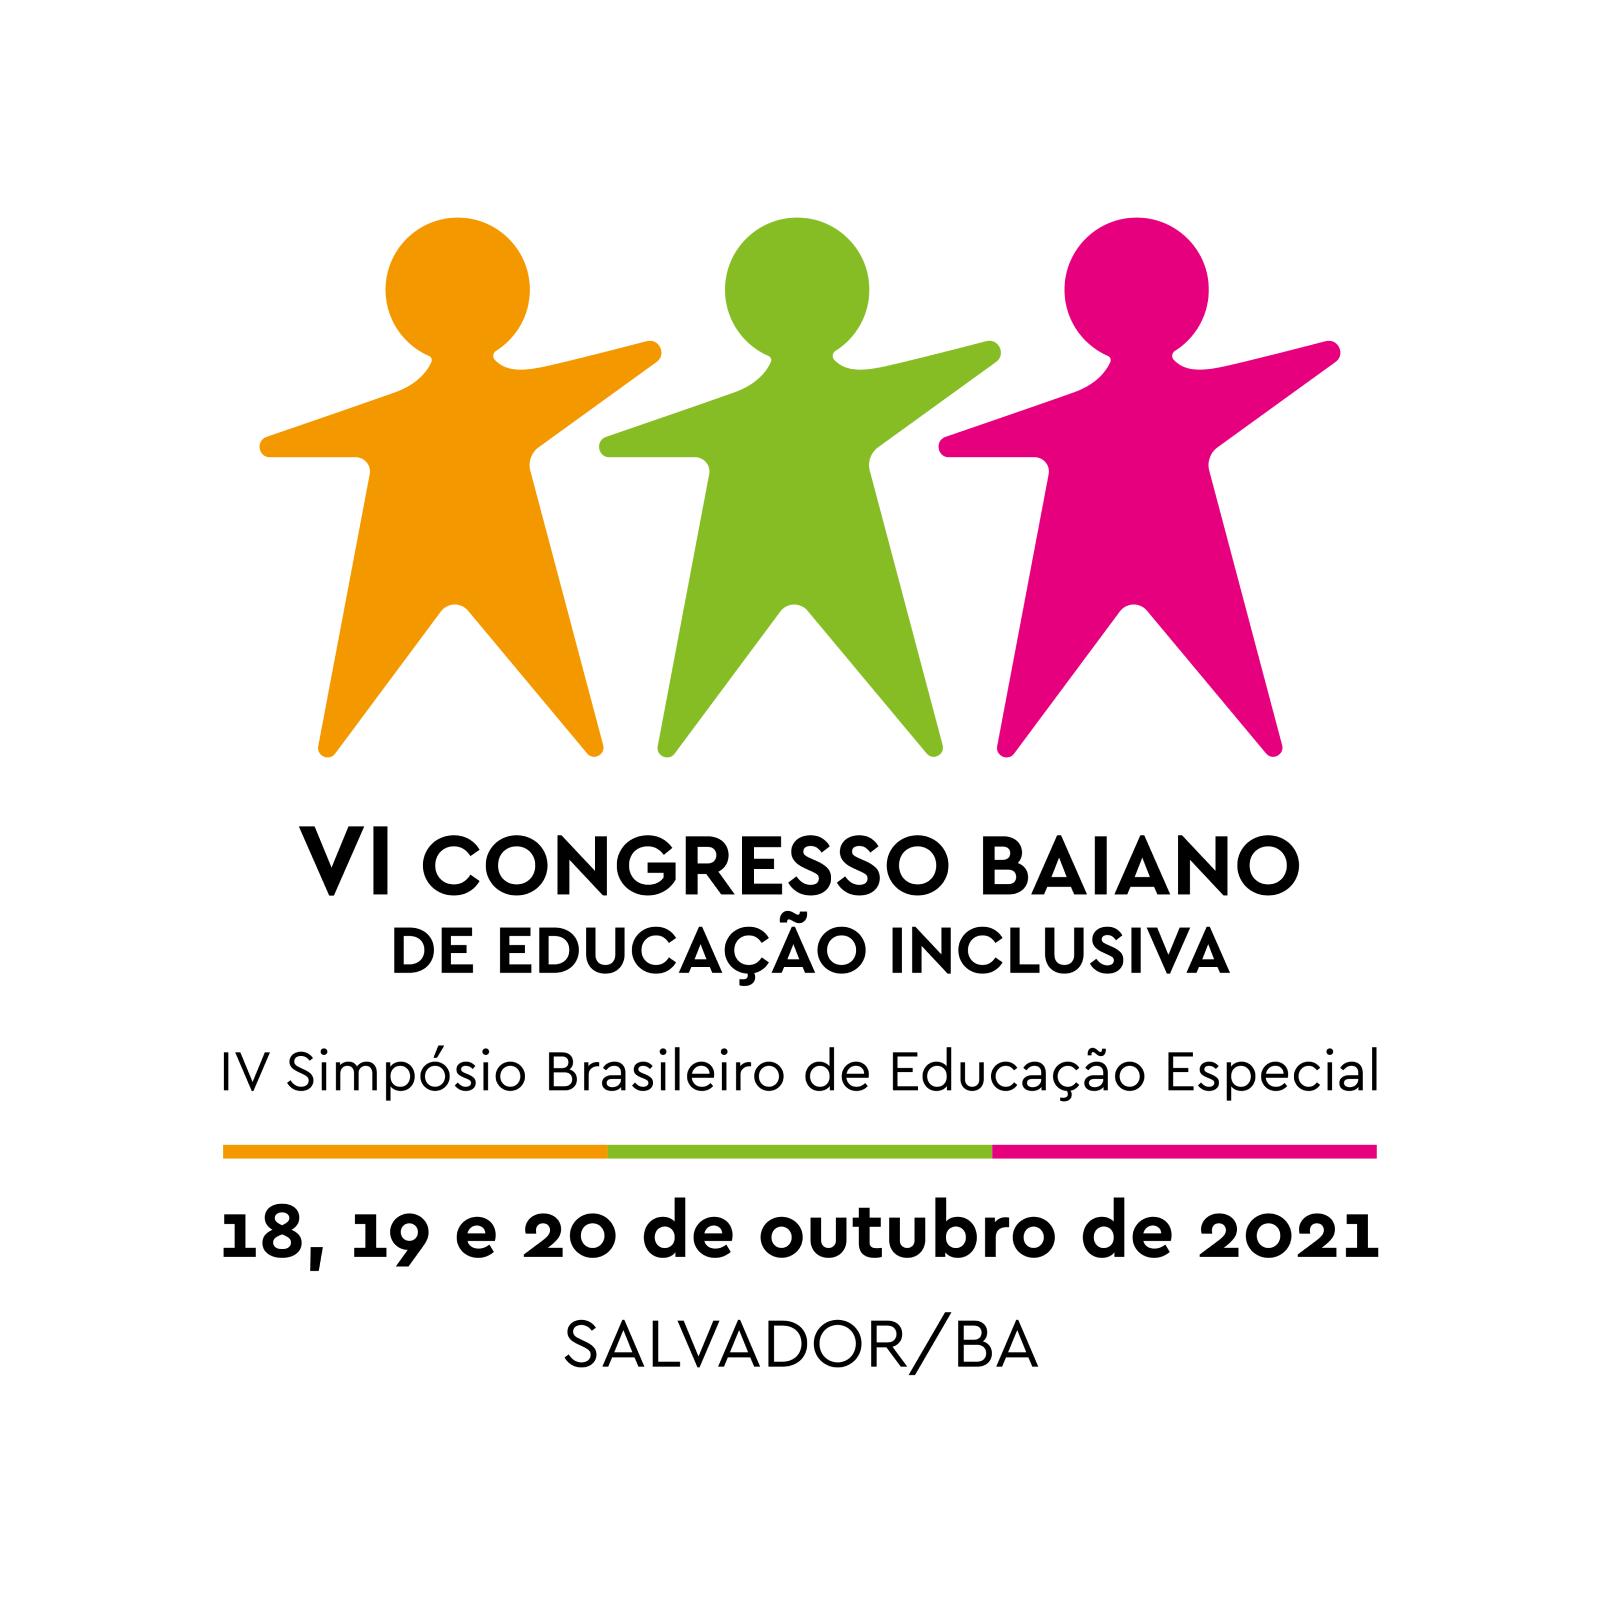 Anais do VI Congresso Baiano de Educação Inclusiva e IV Simpósio Brasileiro de Educação Especial